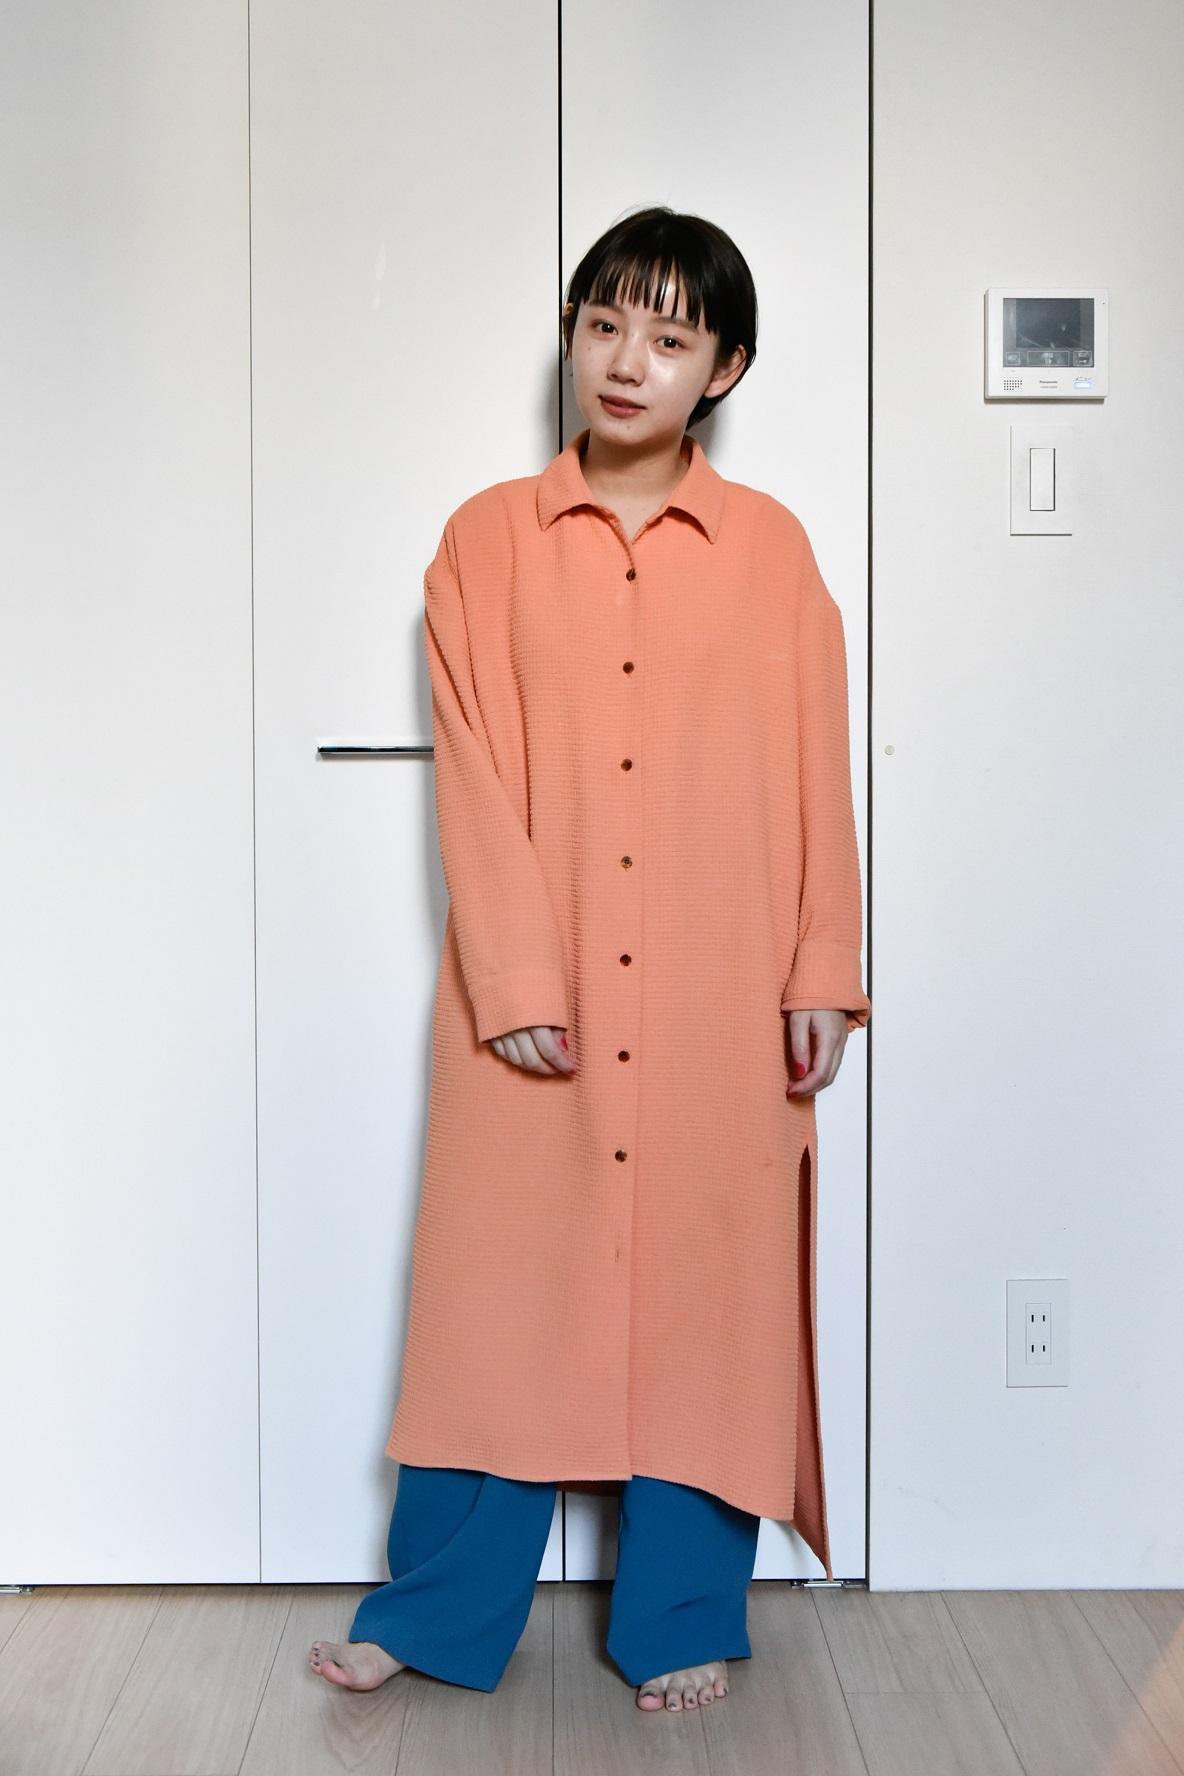 とみいさん私服(after)